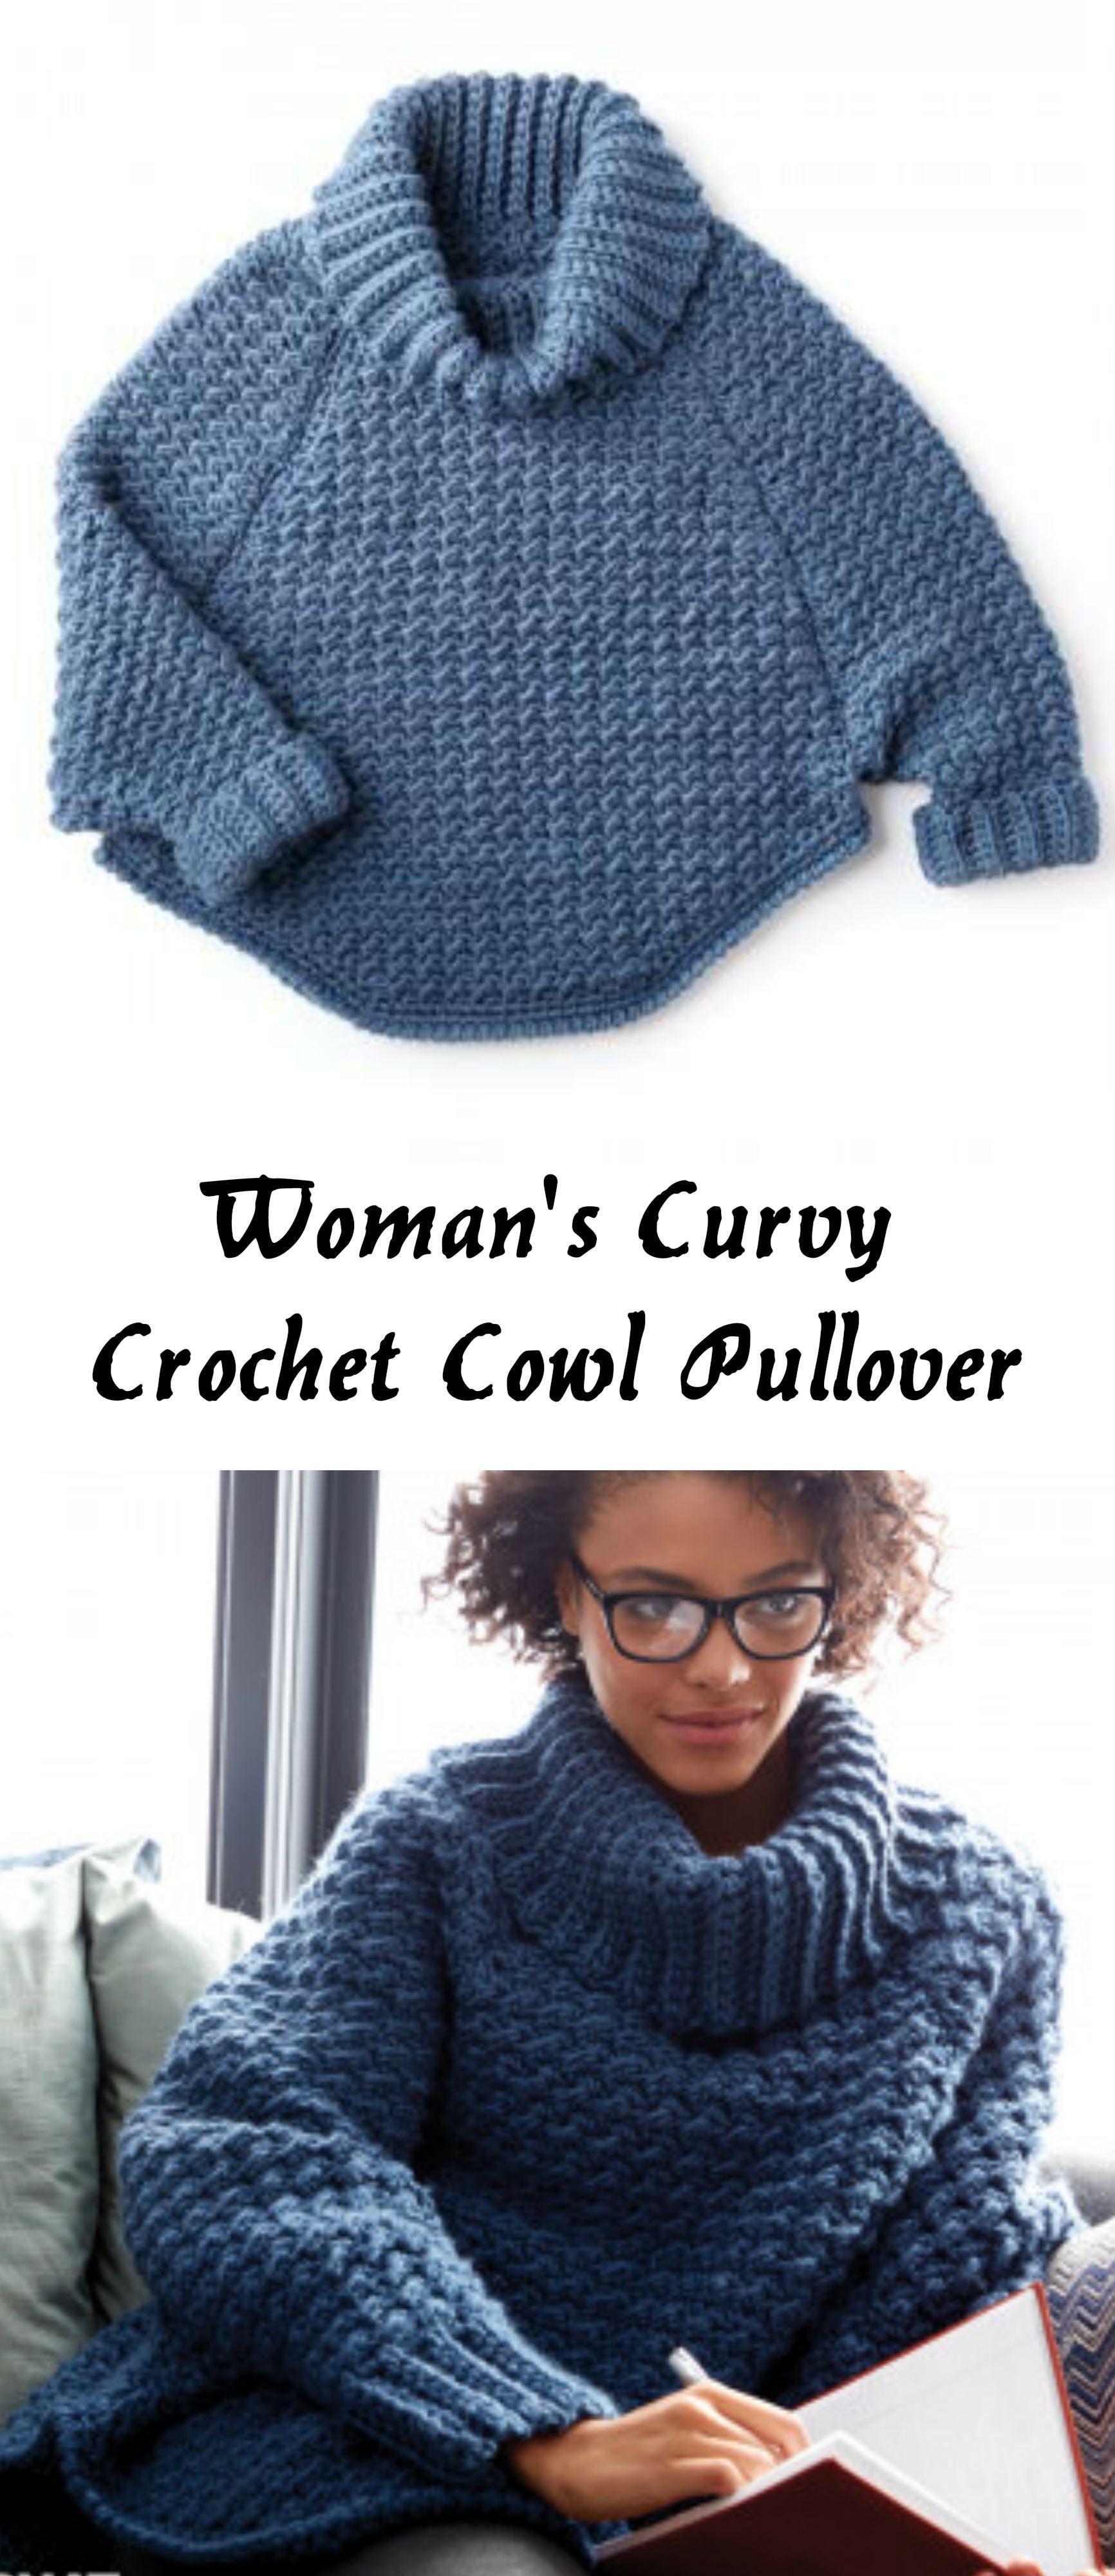 Woman's Curvy Crochet Cowl Pullover #crochetsweaterpatternwomen